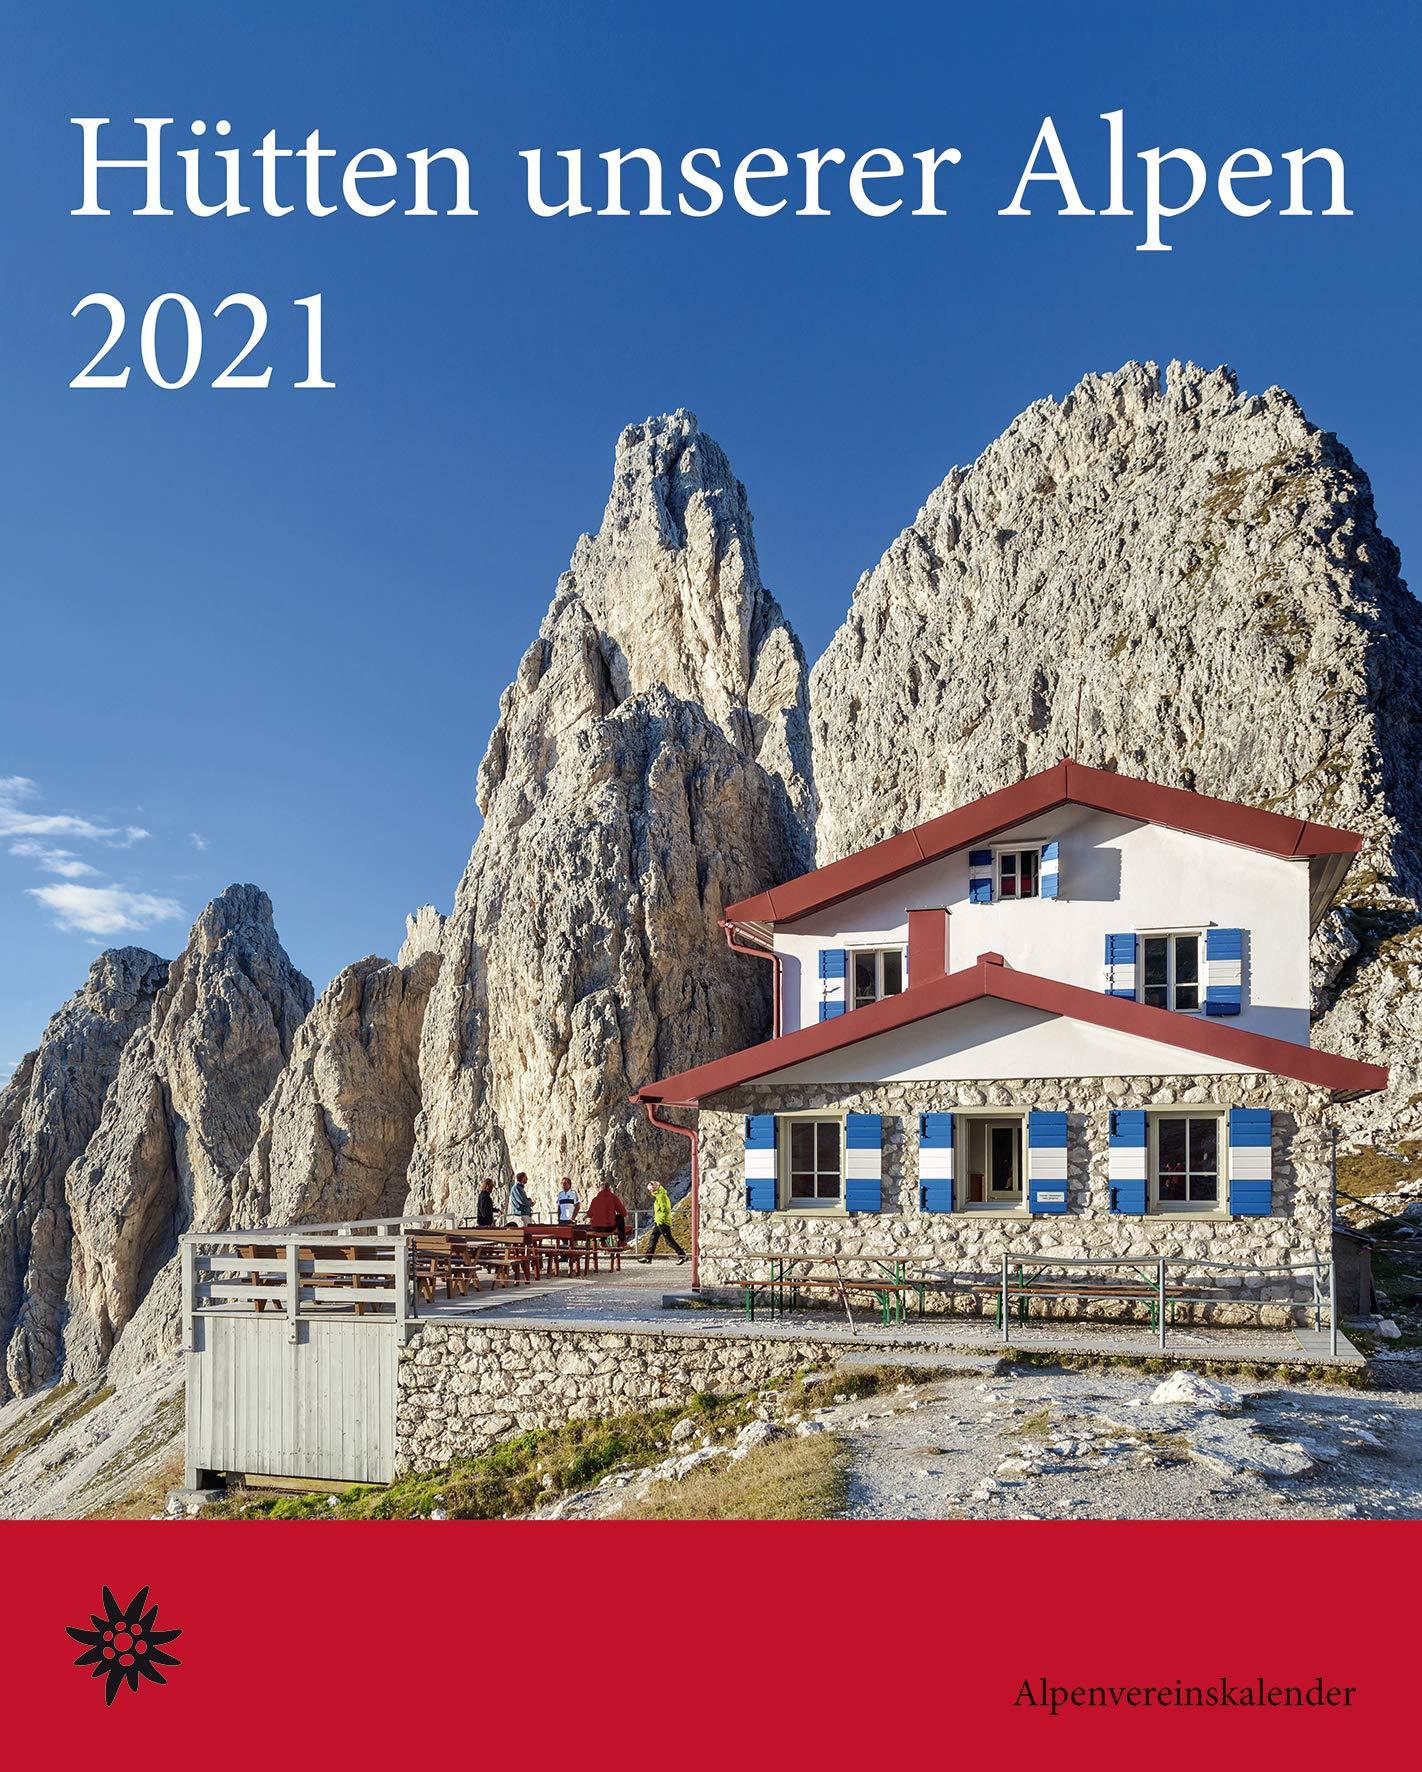 Hütten unserer Alpen (Alpenvereinskalender 2020) 9783731846789  Bergverlag Rother Kalenders 2021  Cadeau-artikelen, Kalenders Reisinformatie algemeen